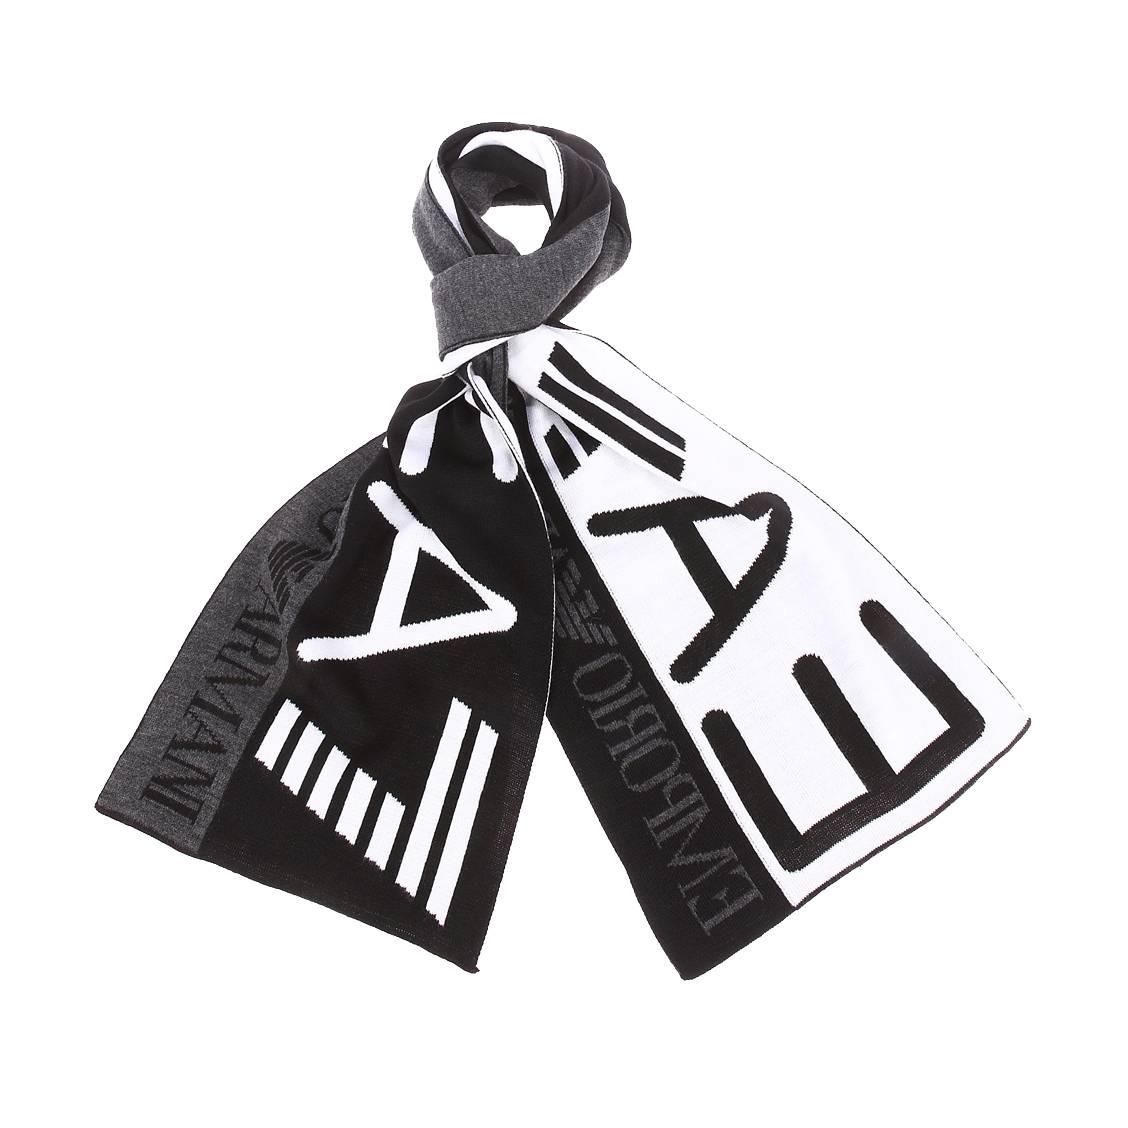 Echarpe EA7 noire et blanche monogrammée